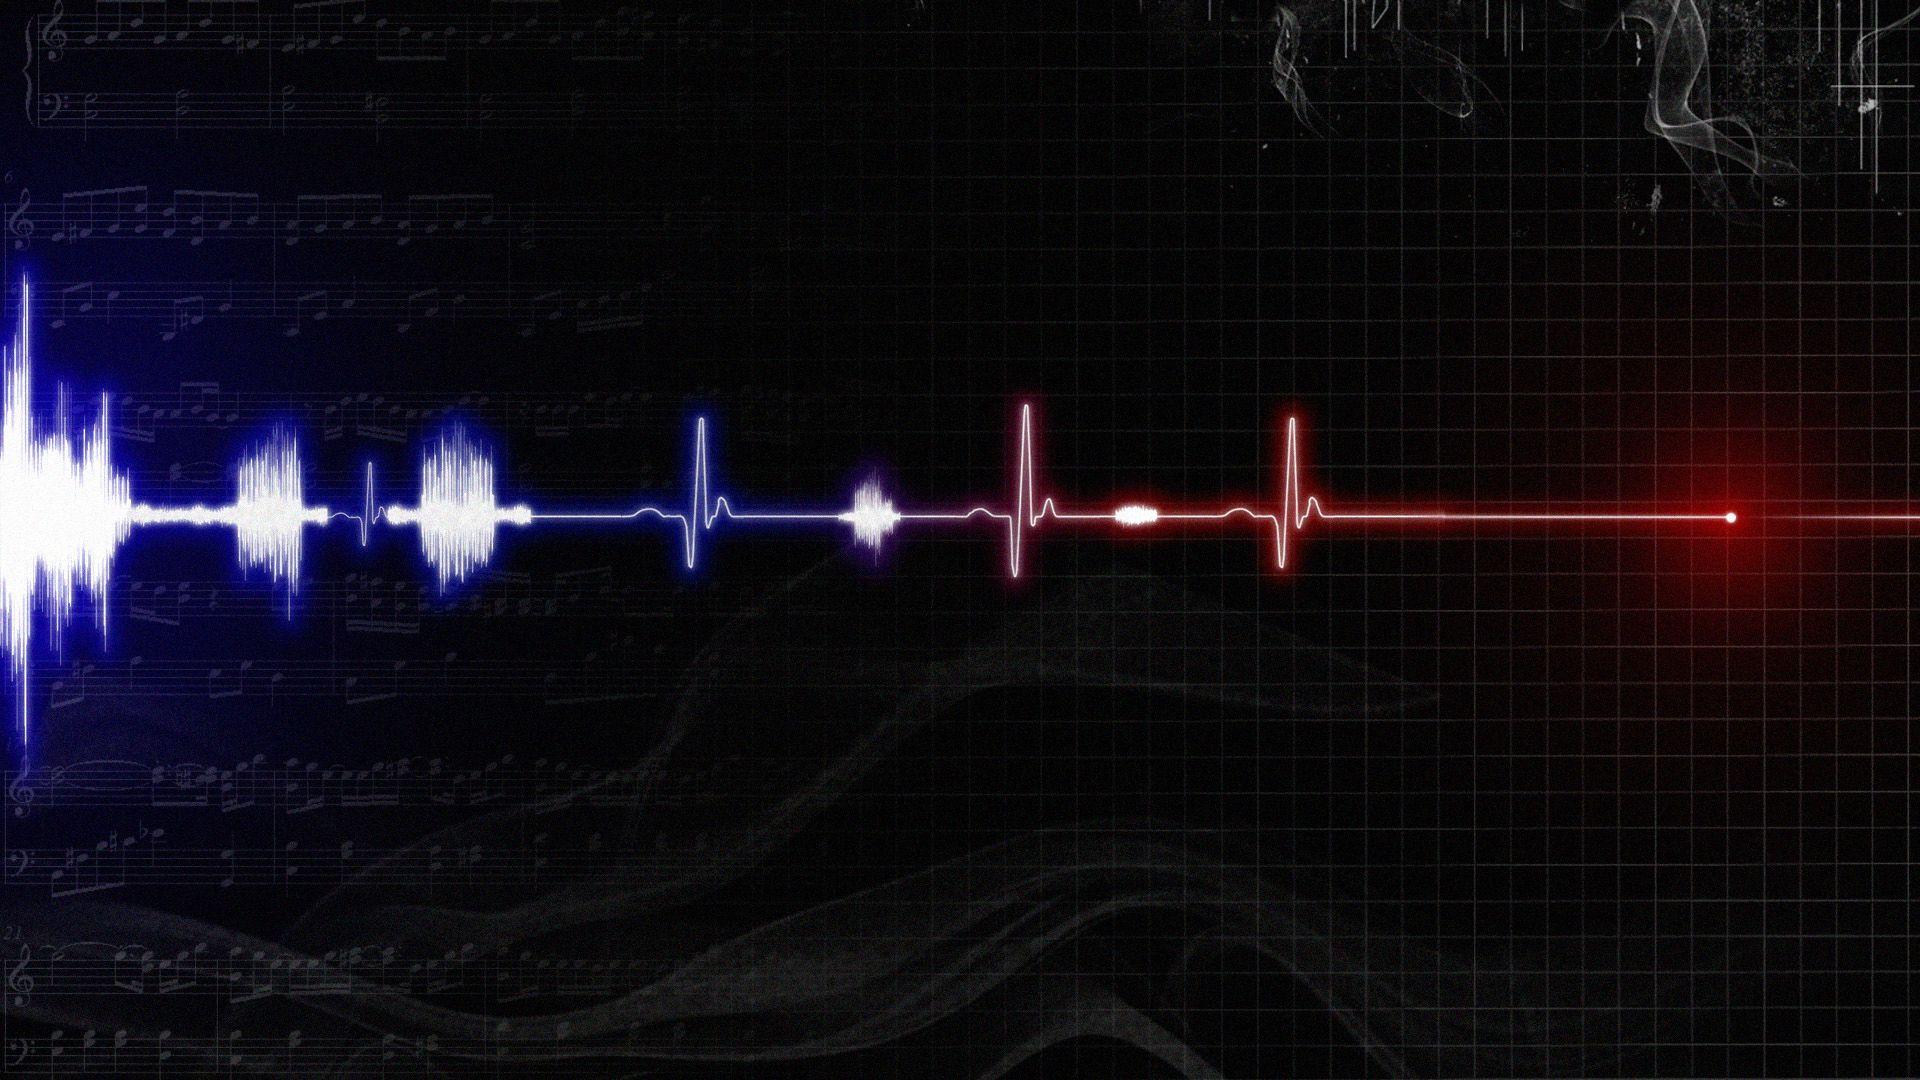 soundwave abstract - google zoeken   music   pinterest